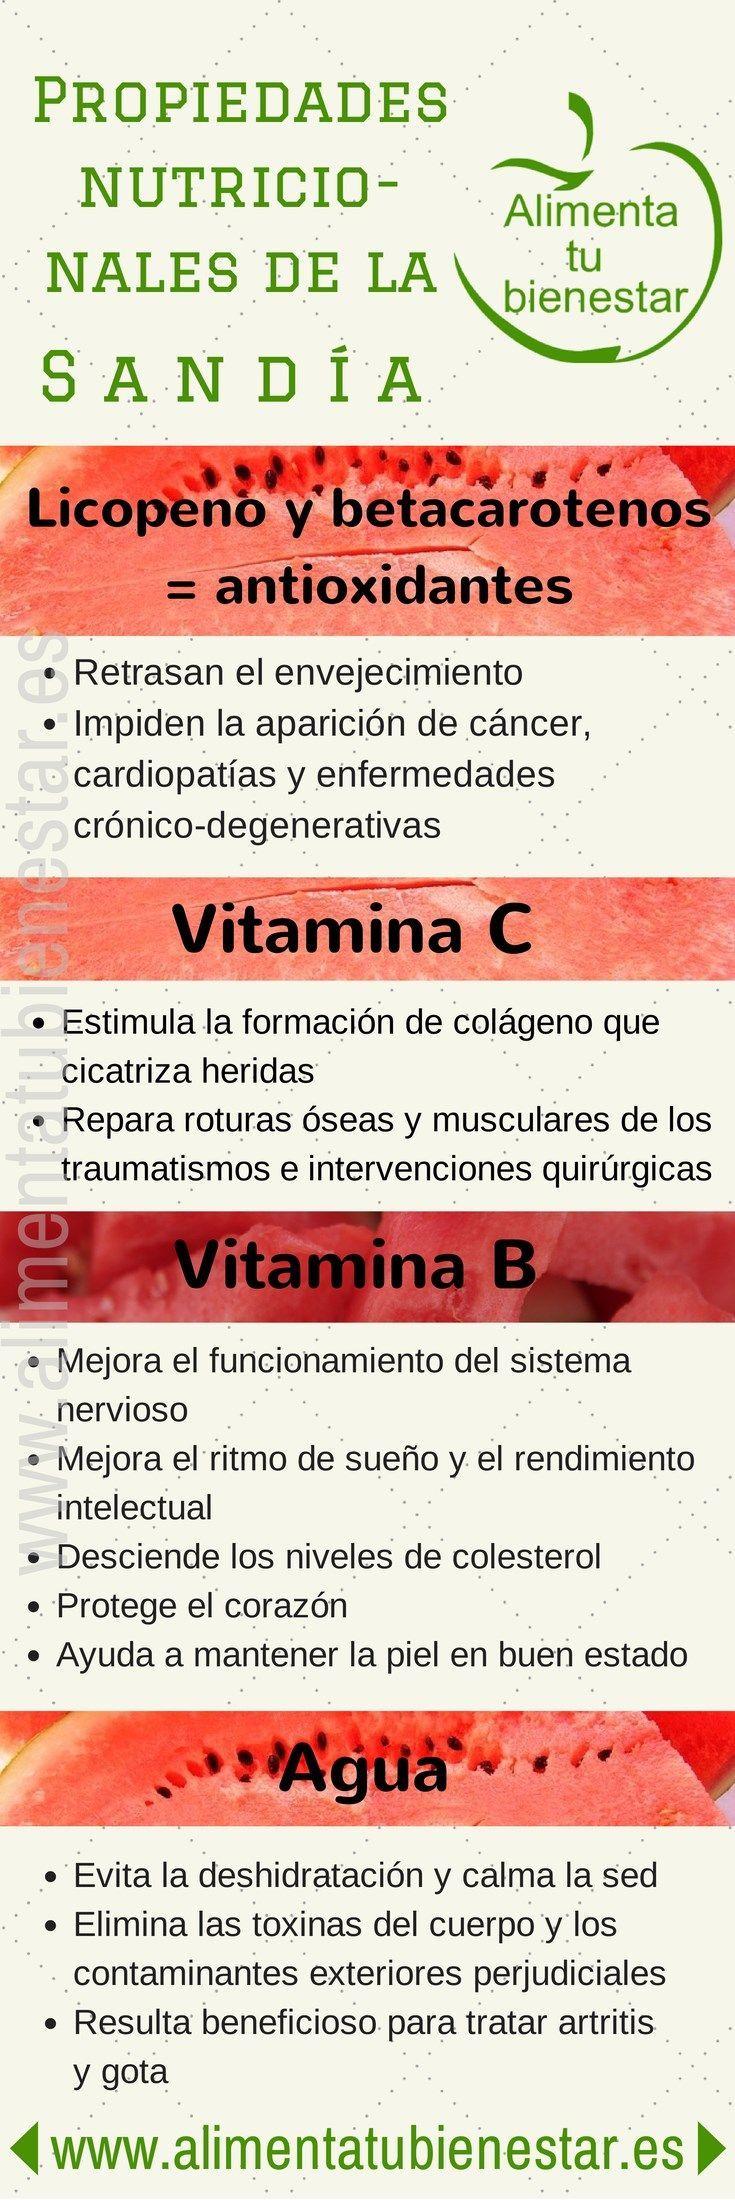 Propiedades nutricionales de la sandía. #nutrición #infografía